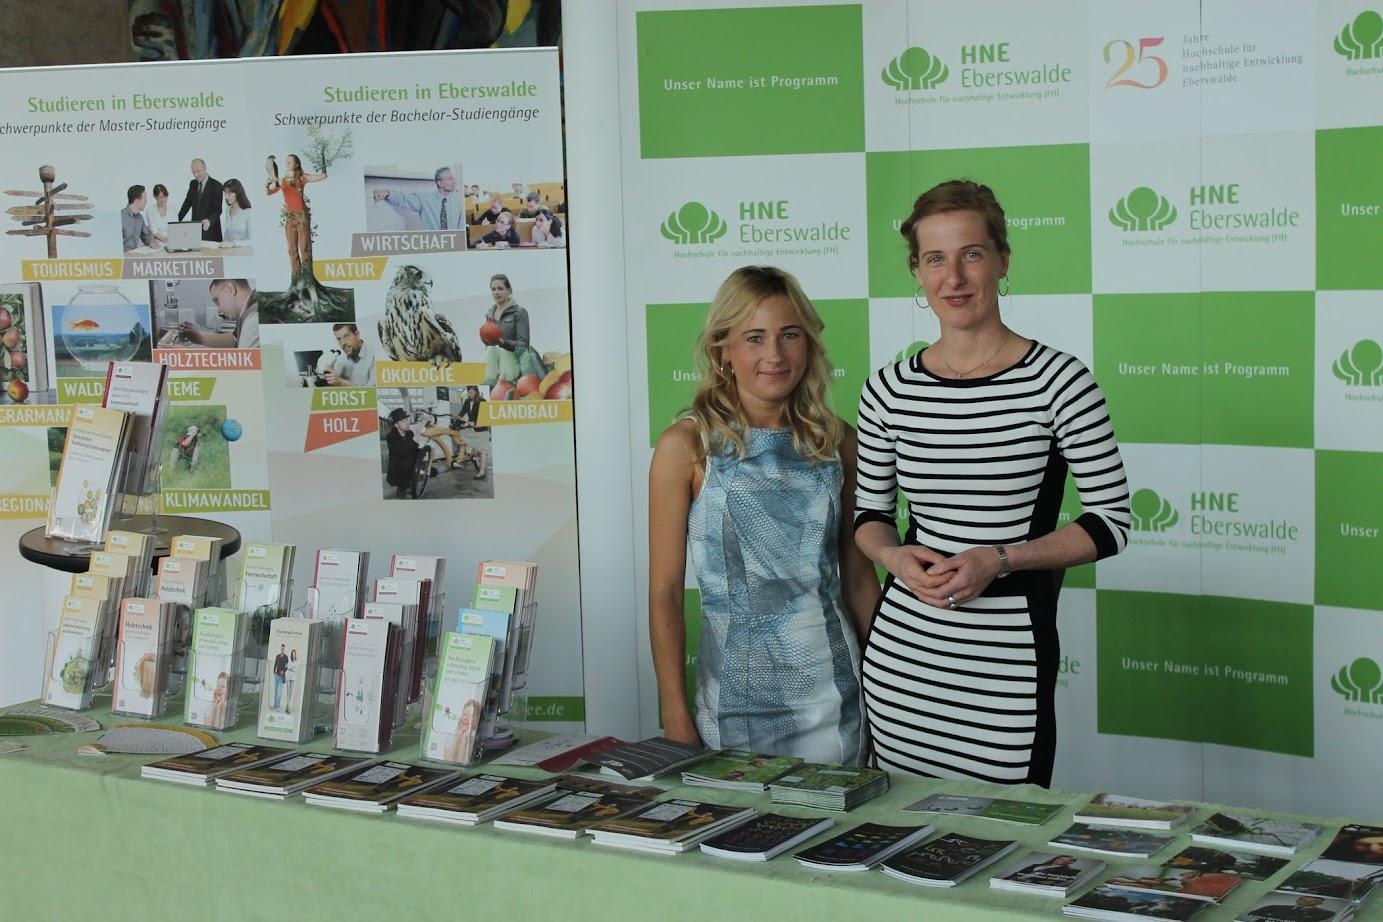 Ganz bezaubernd: Alicja Kaiuzna und Nadine Dembski von der Fachhochschule Eberswalde informieren über Aus- und Weiterbildungsangebote sowie Studiengänge.